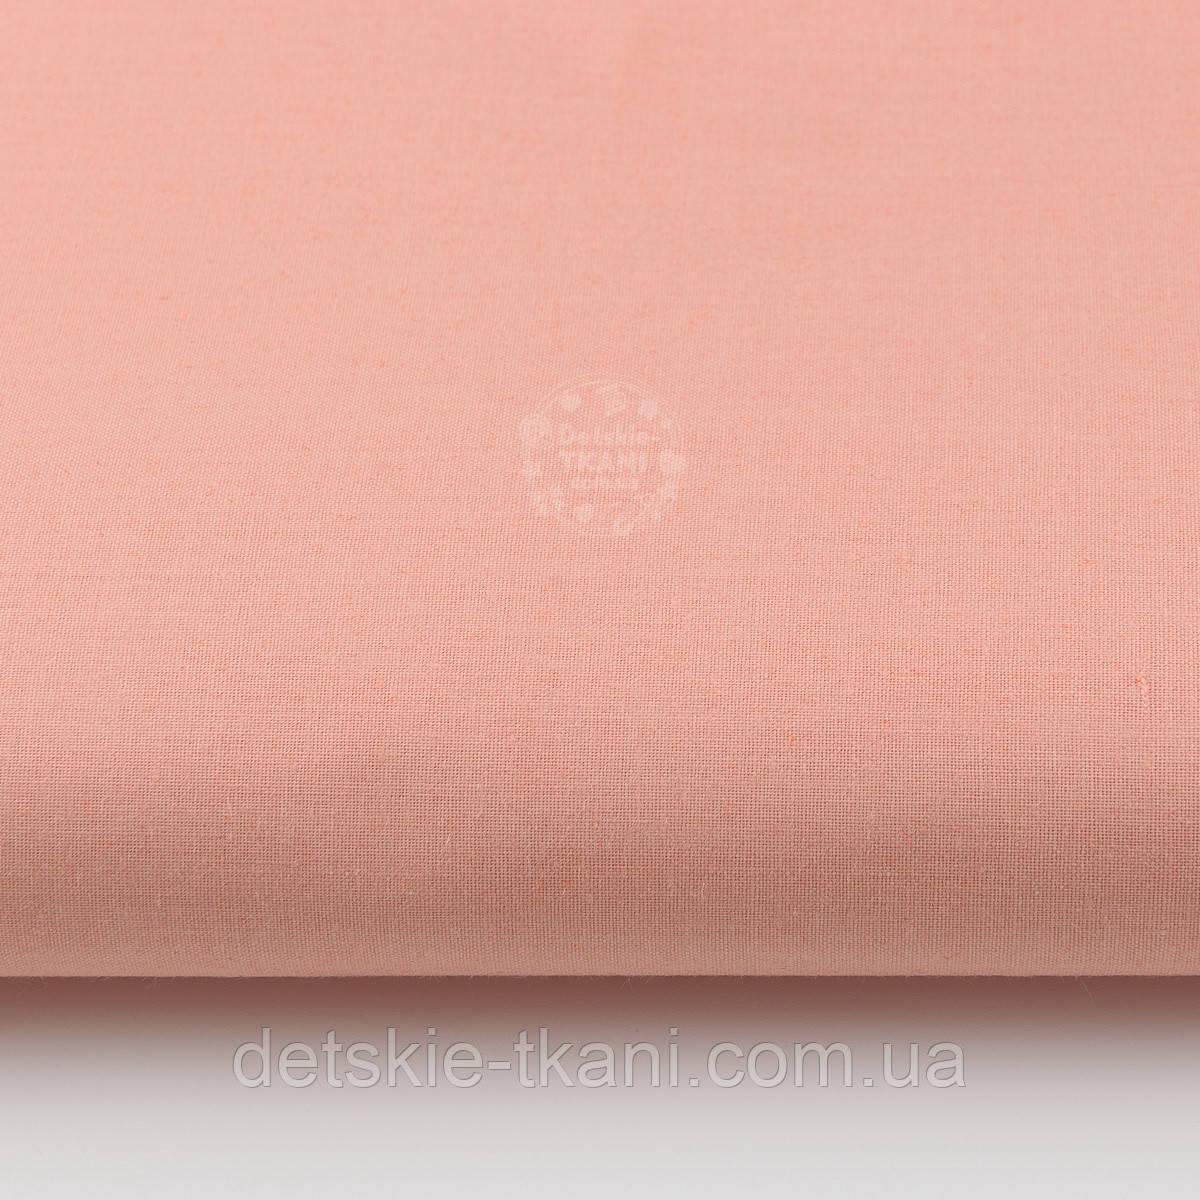 Однотонная бязь лососевого цвета, №1349.